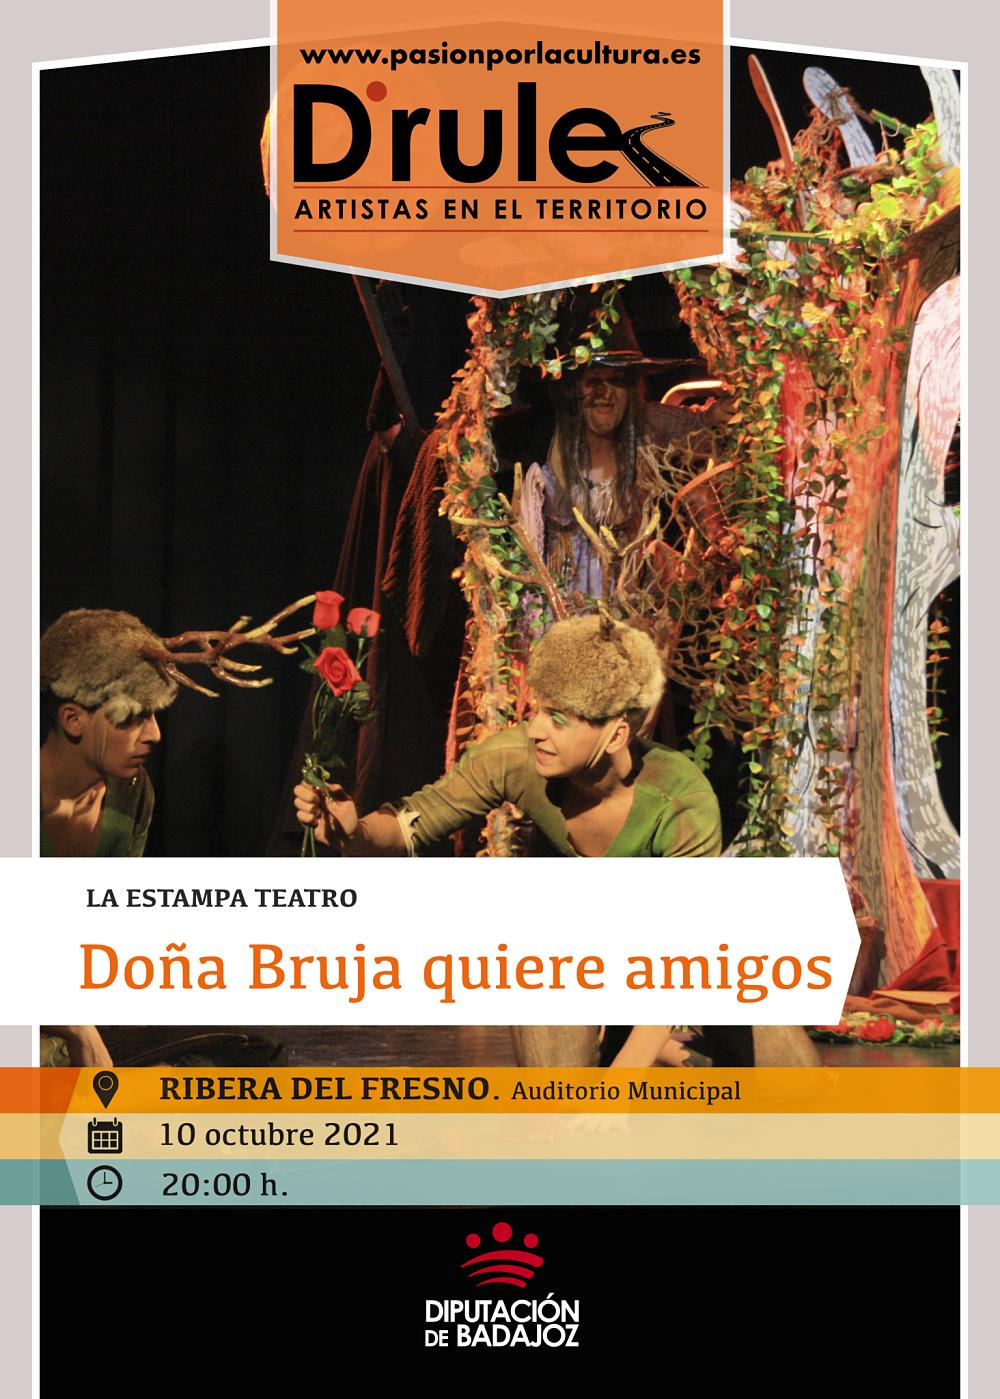 Imagen del Evento Doña Bruja quiere amigos